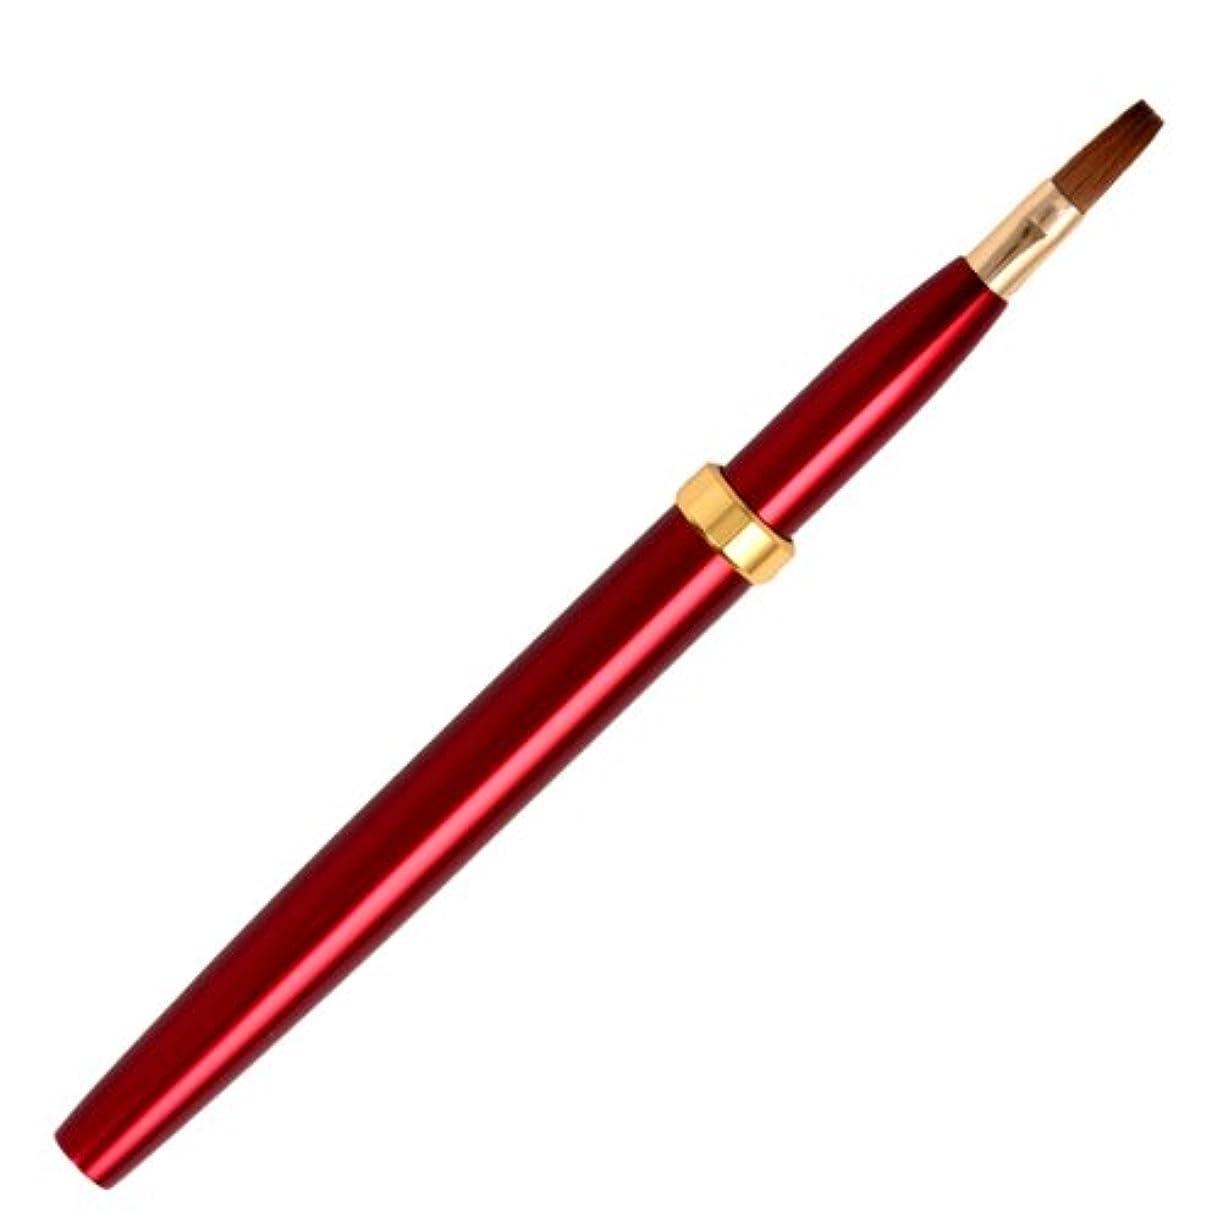 雑草自分の力ですべてをする成果広島熊野筆 オートリップブラシ 毛質 イタチ